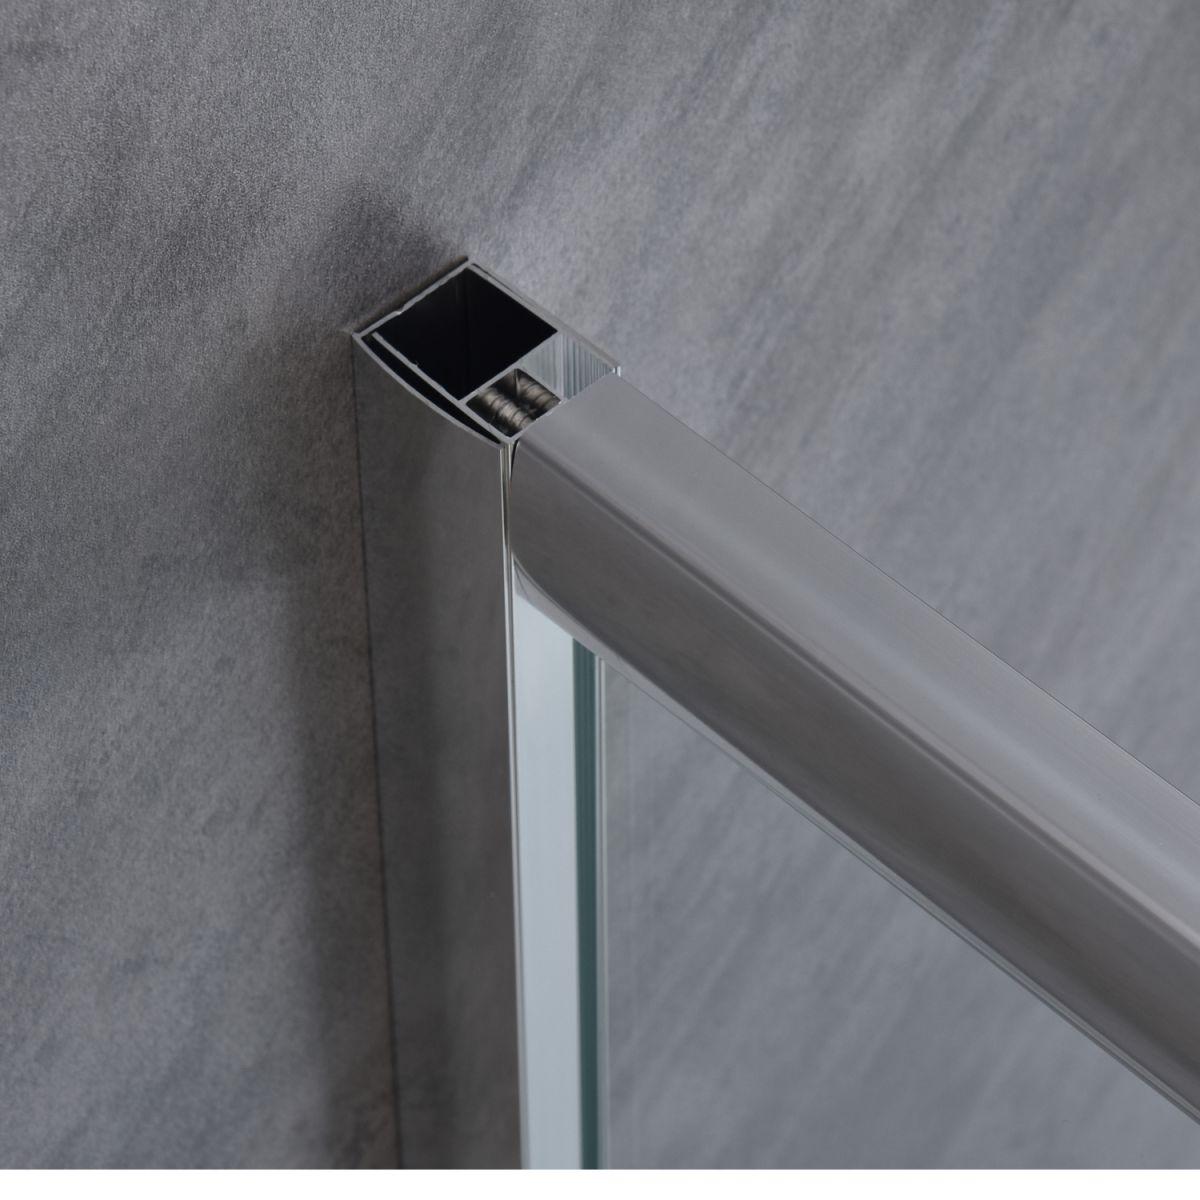 """SE 119 9 Box doccia tre lati """"Saturno"""" 70x100x70 cm scorrevole cristallo trasparente 6 mm"""